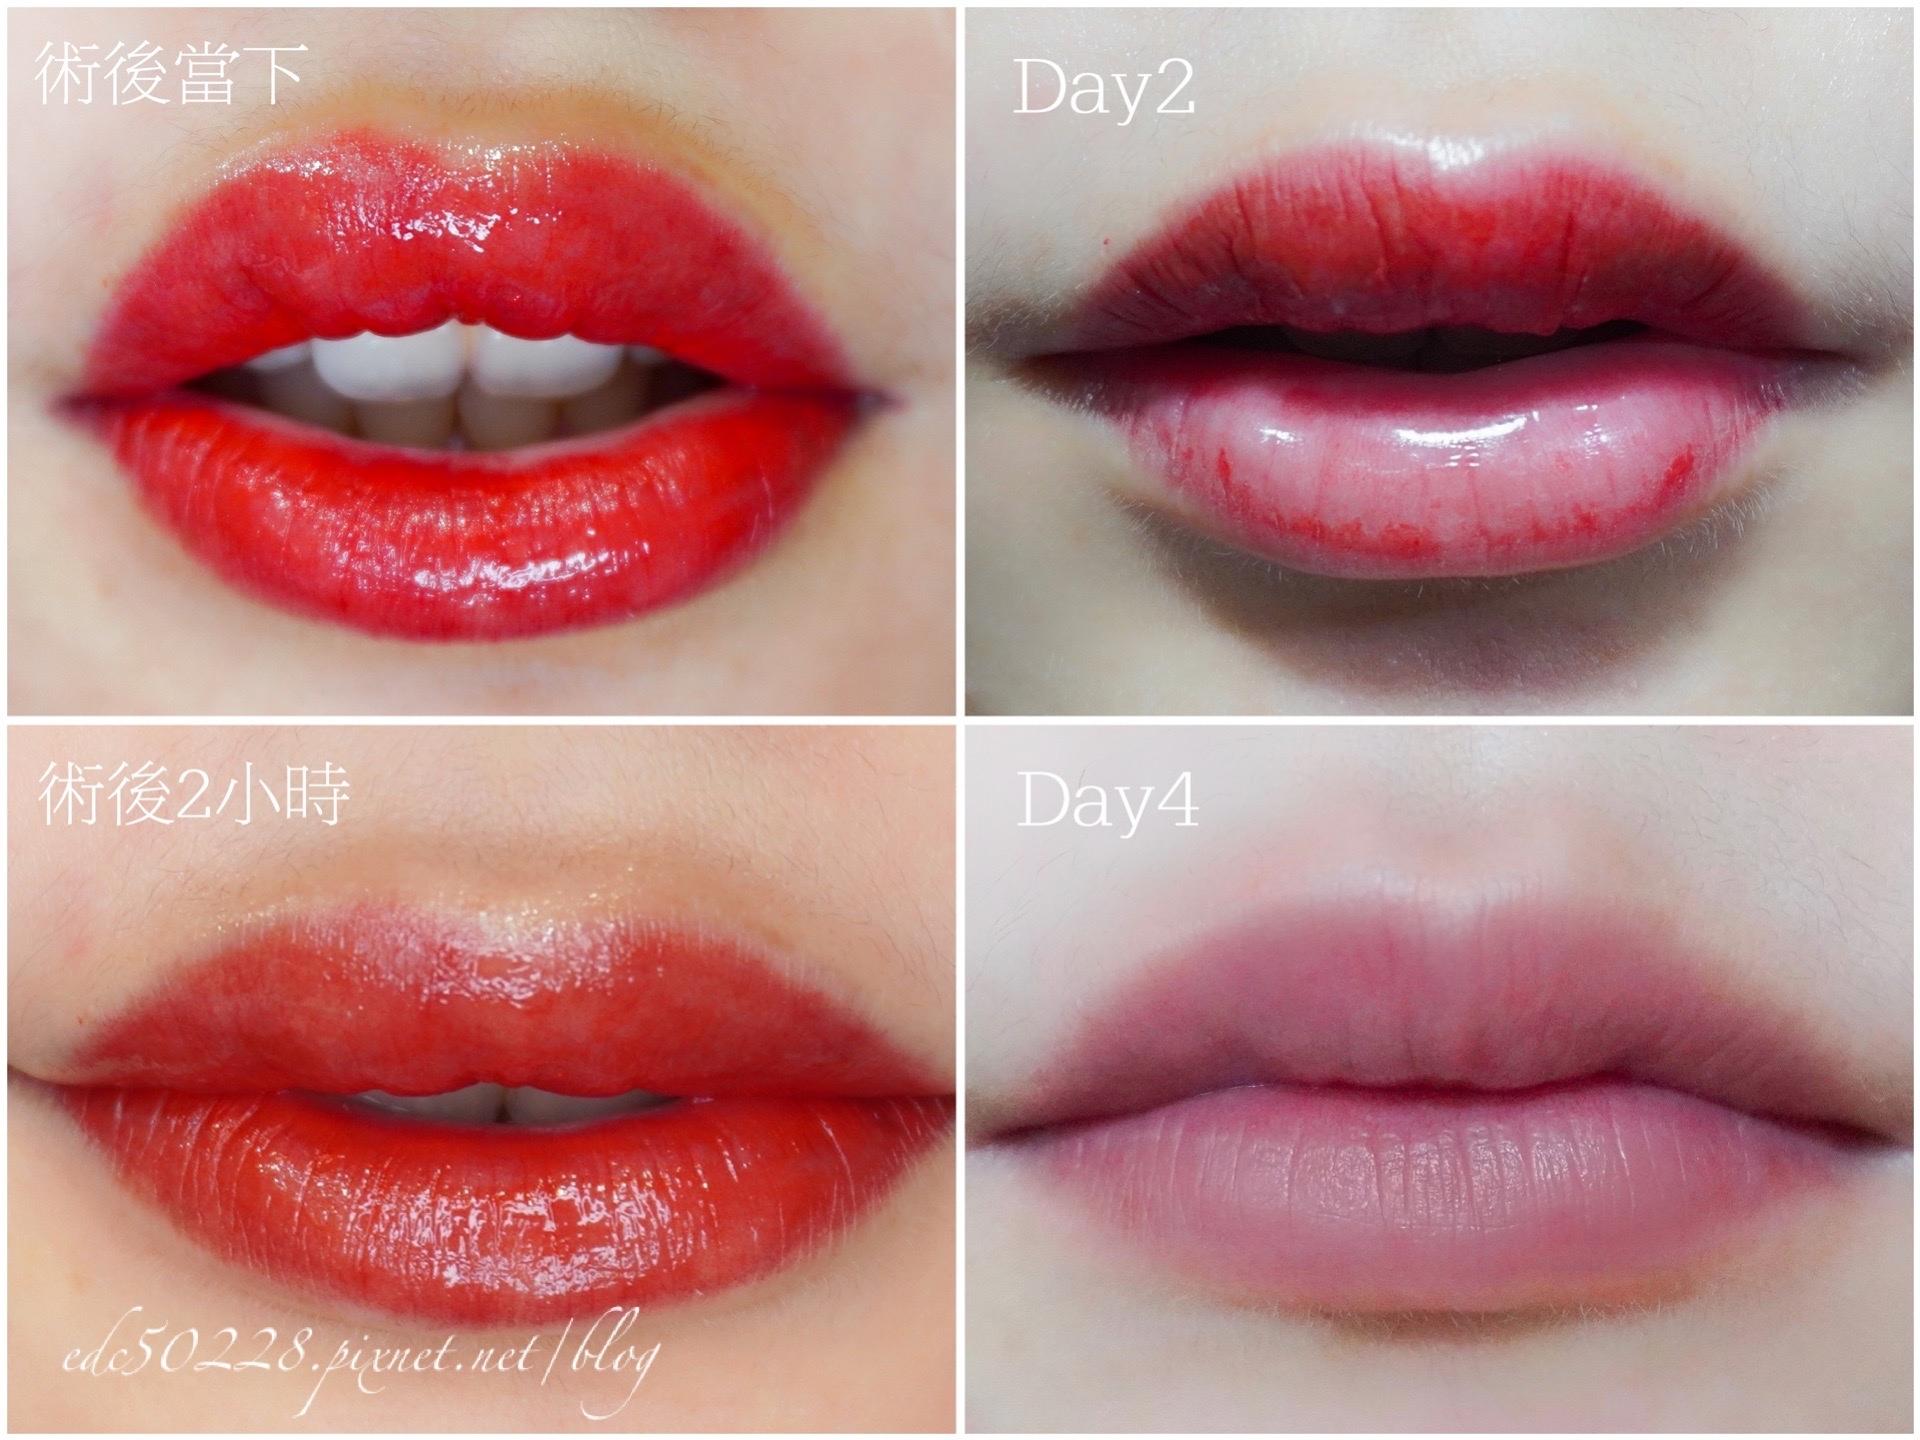 繽妮紋綉繡唇價格